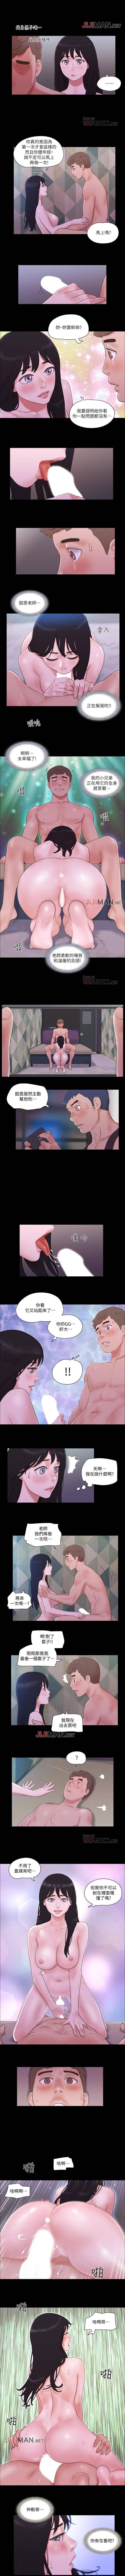 【周五连载】协议换爱(作者:遠德) 第1~57话 226